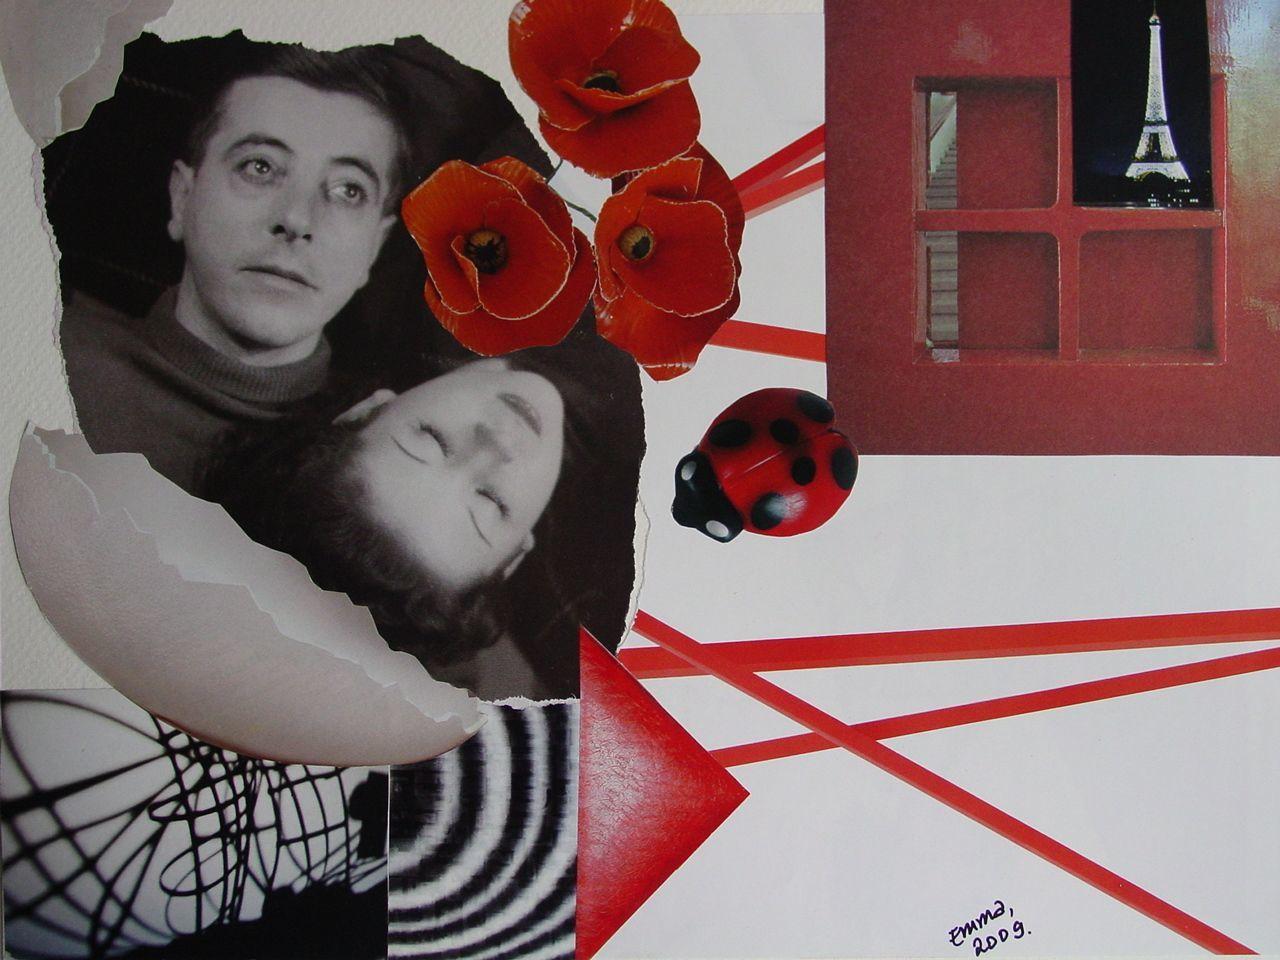 """Les Collages d'eMmA MessanA, collage N°62 """"Du fragile"""", pièce unique © eMmA MessanA"""